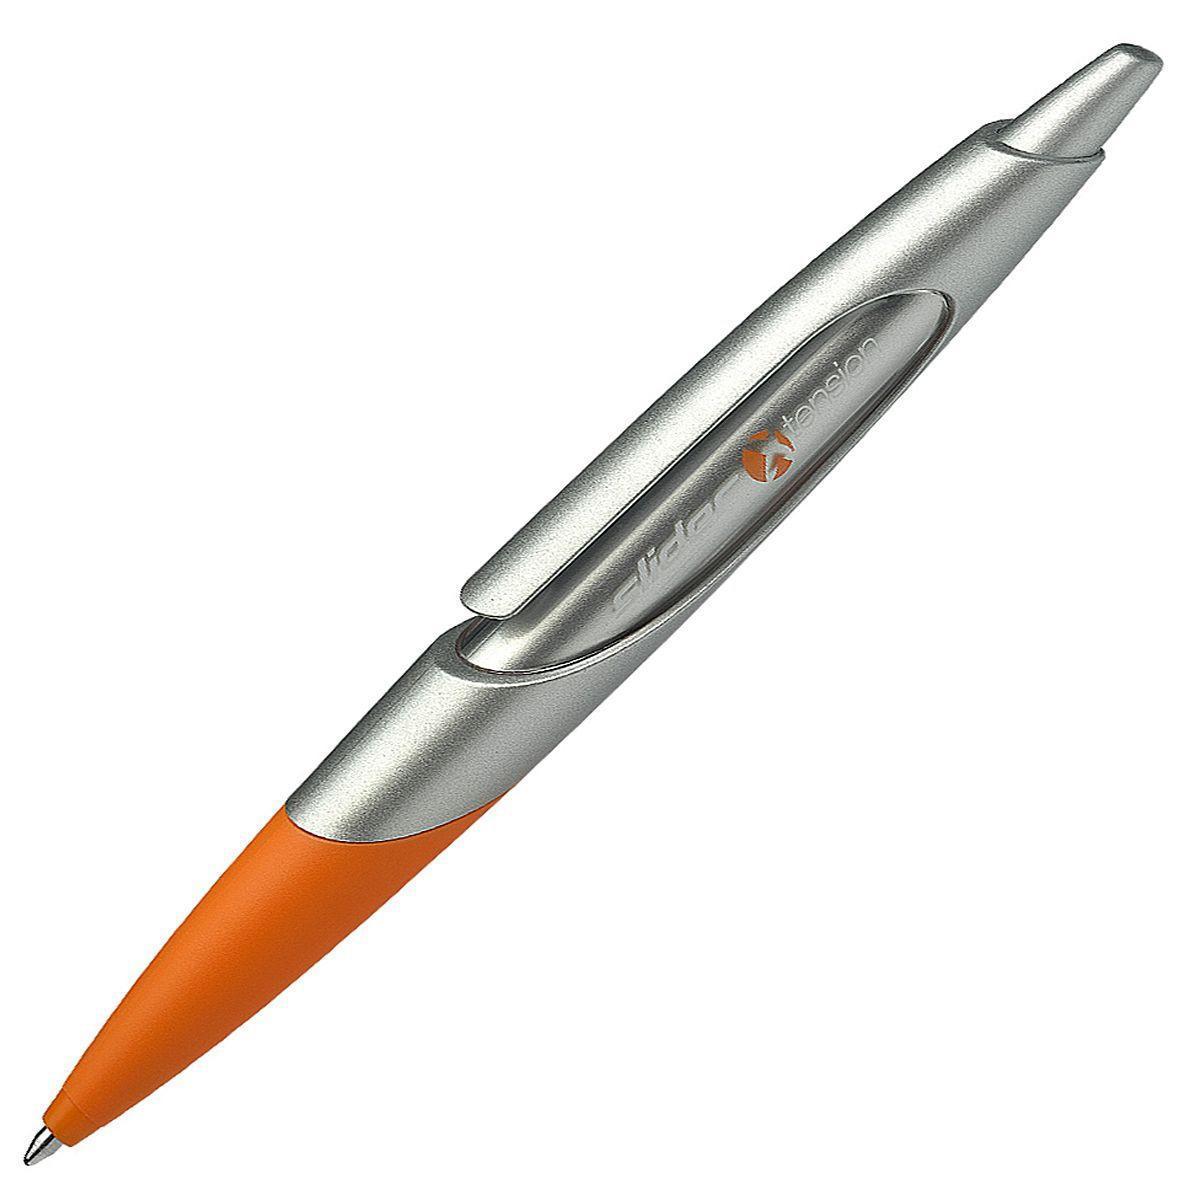 Ручка шариковая SLIDER XTENTION, M - 0,5 мм, оранжевый корпус; синий цвет чернил.S1301/1 S1301-01/1